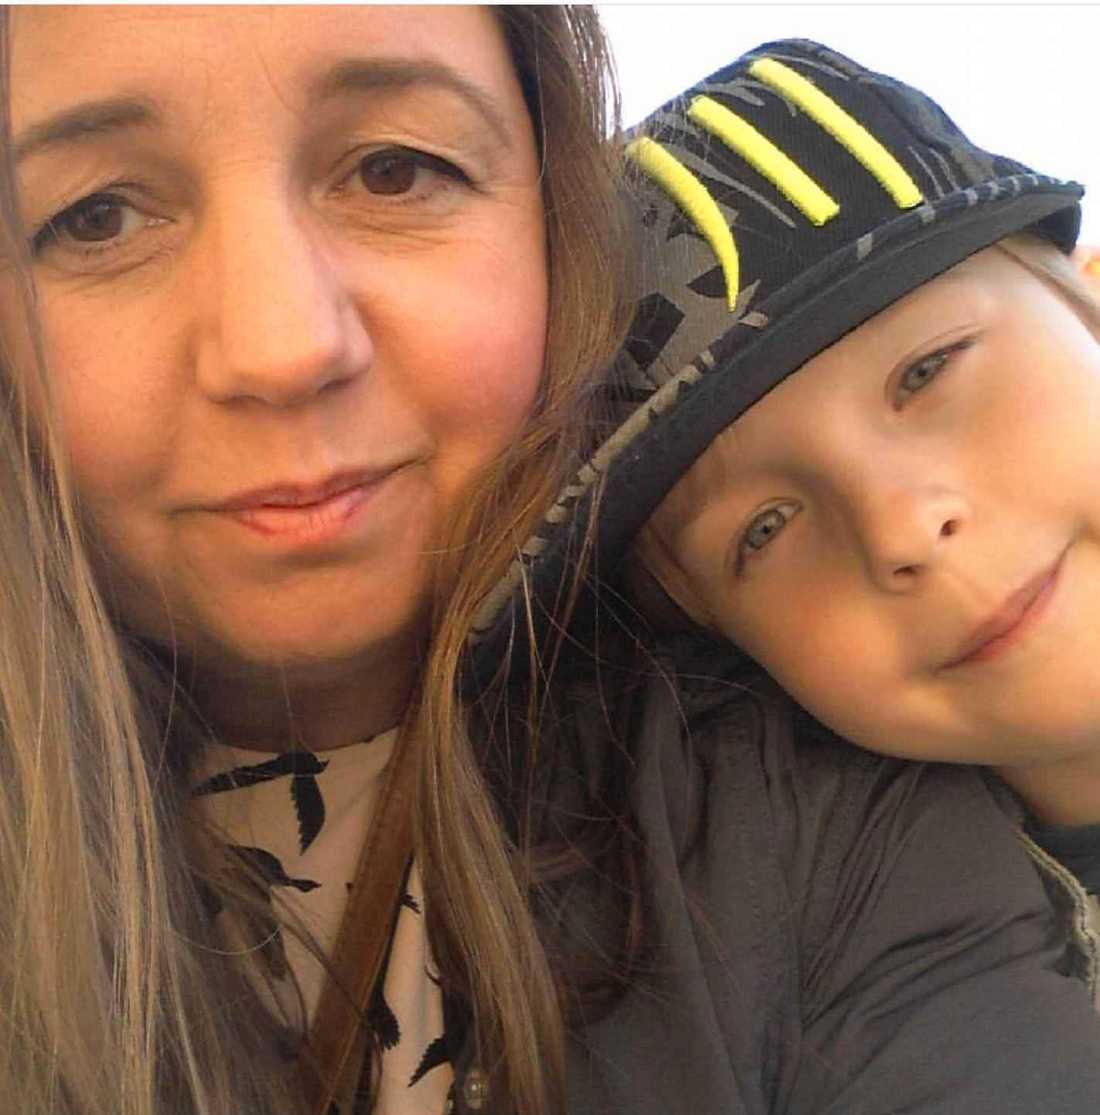 Elias mamma Lillemor skrev ett Twitter-inlägg och uppmuntrade andra att prenumerera på hans youtubekanal